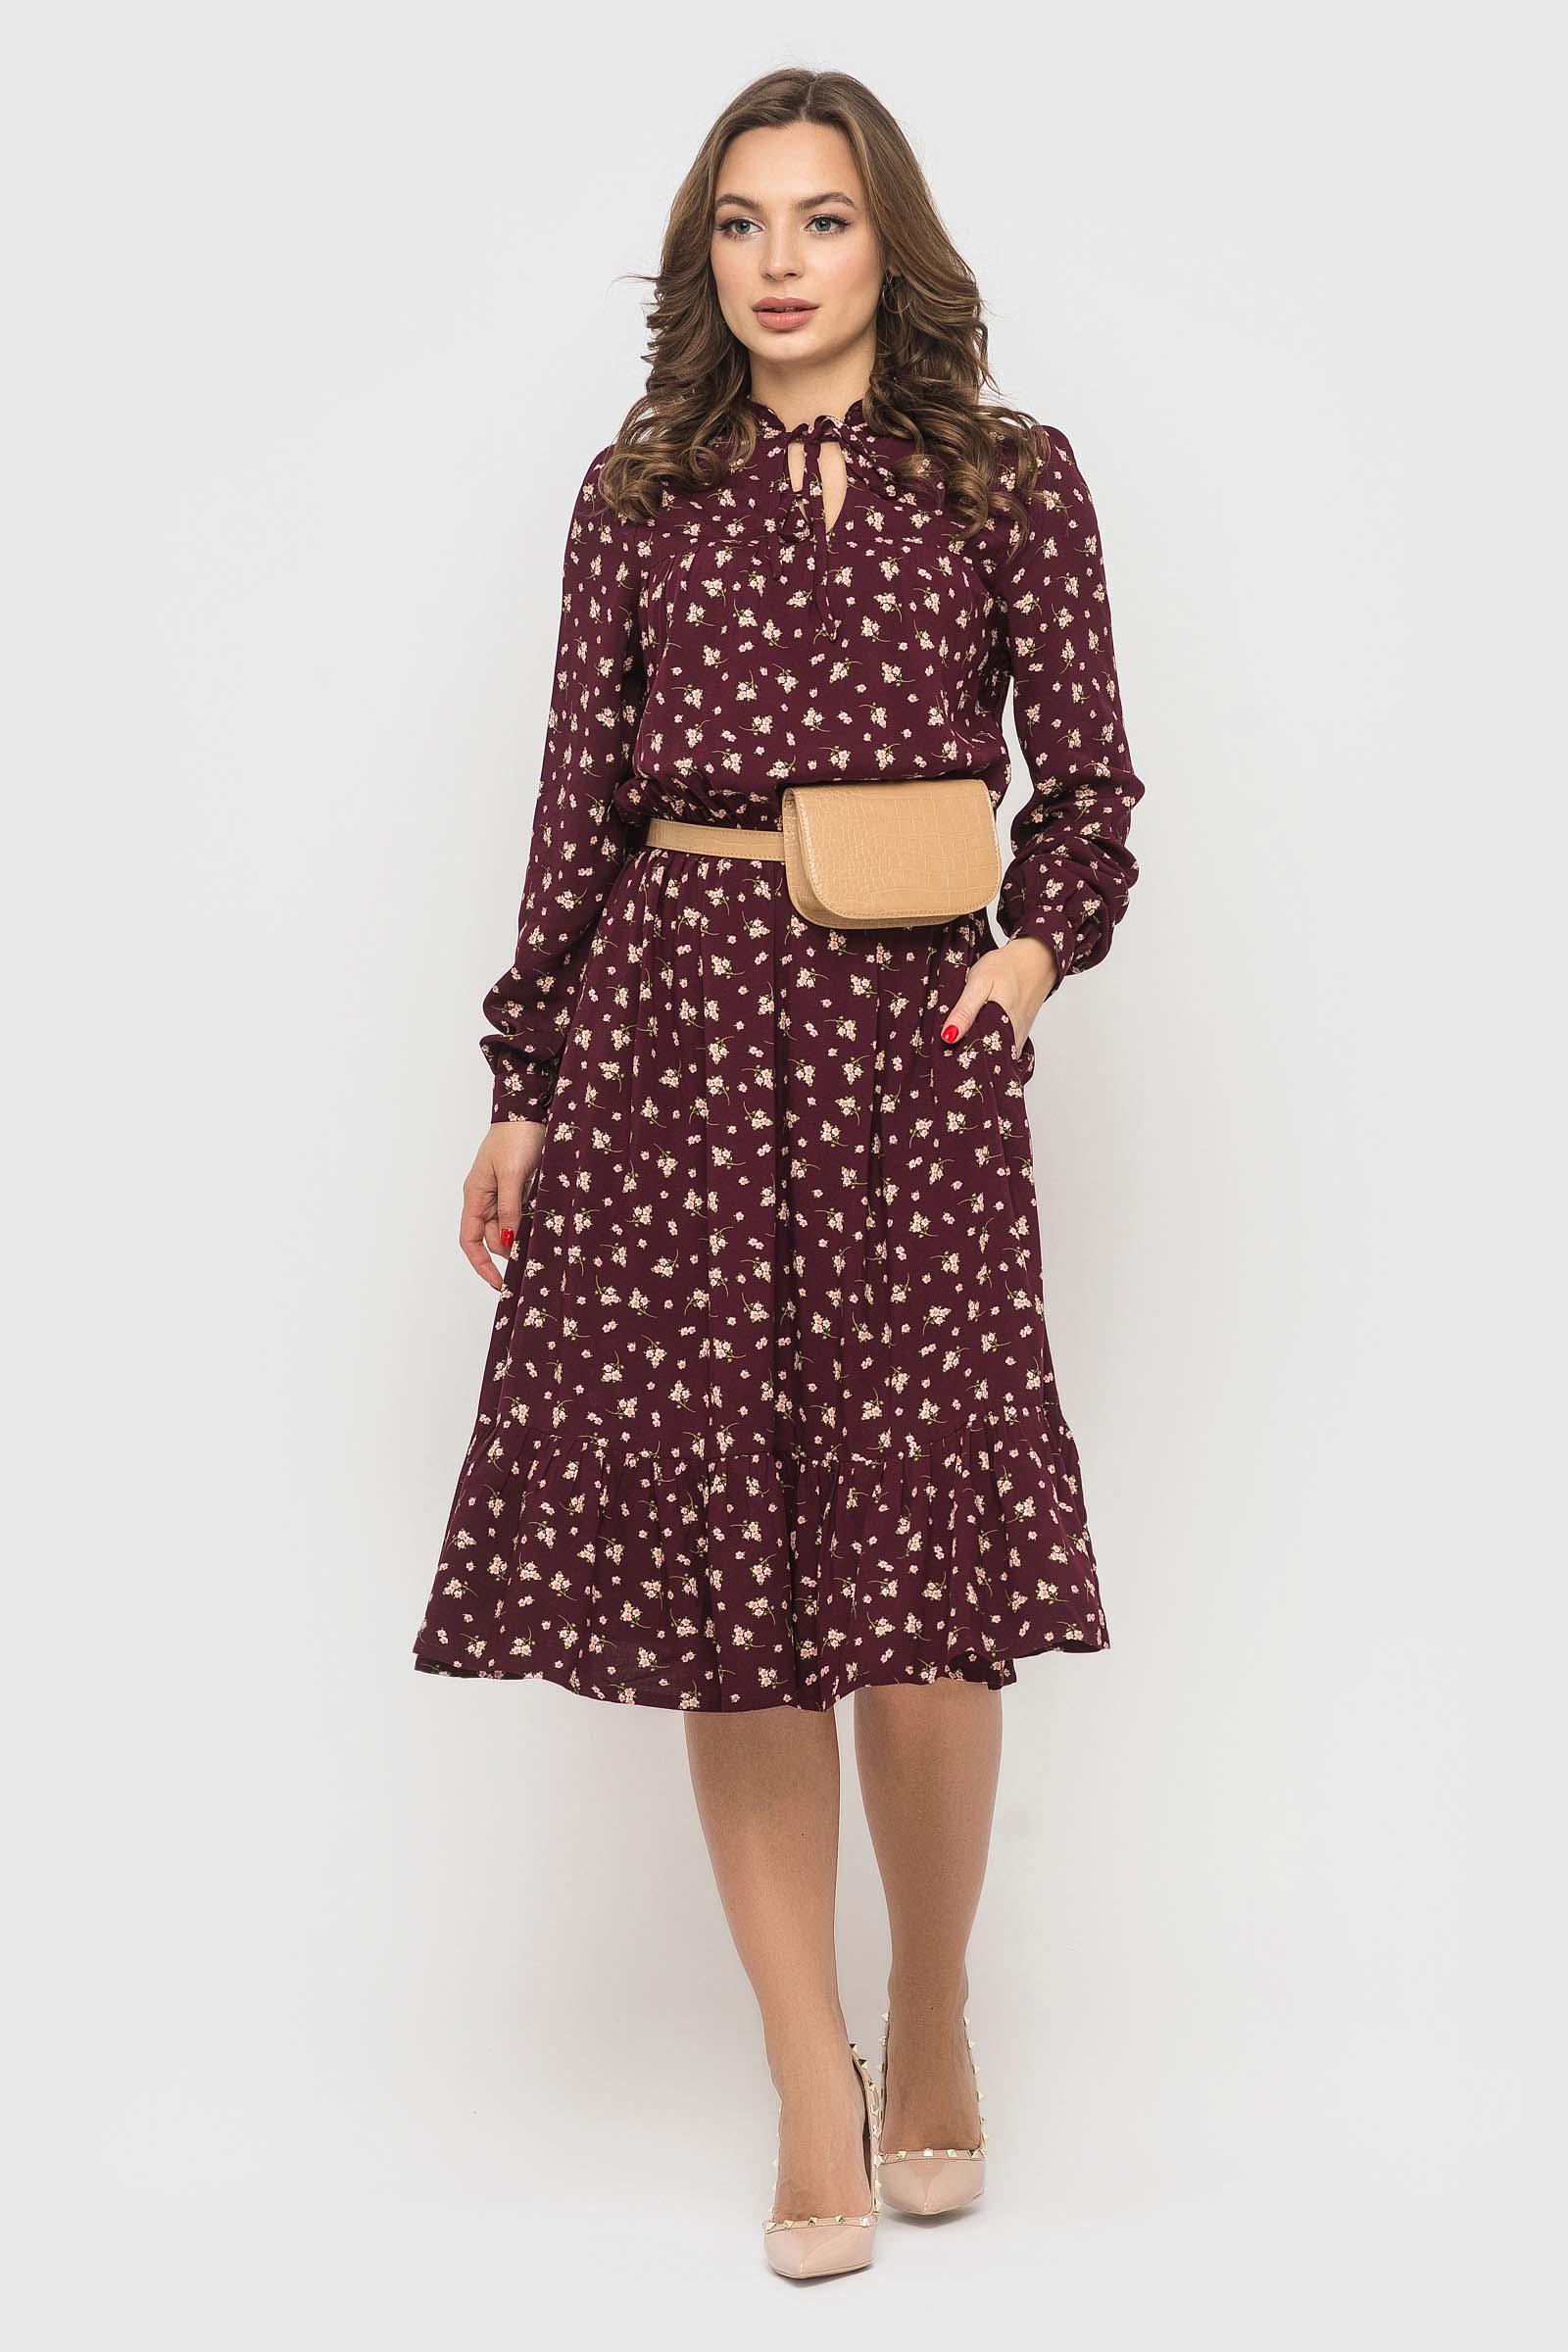 be art 2020 04 07182485 Купить платье